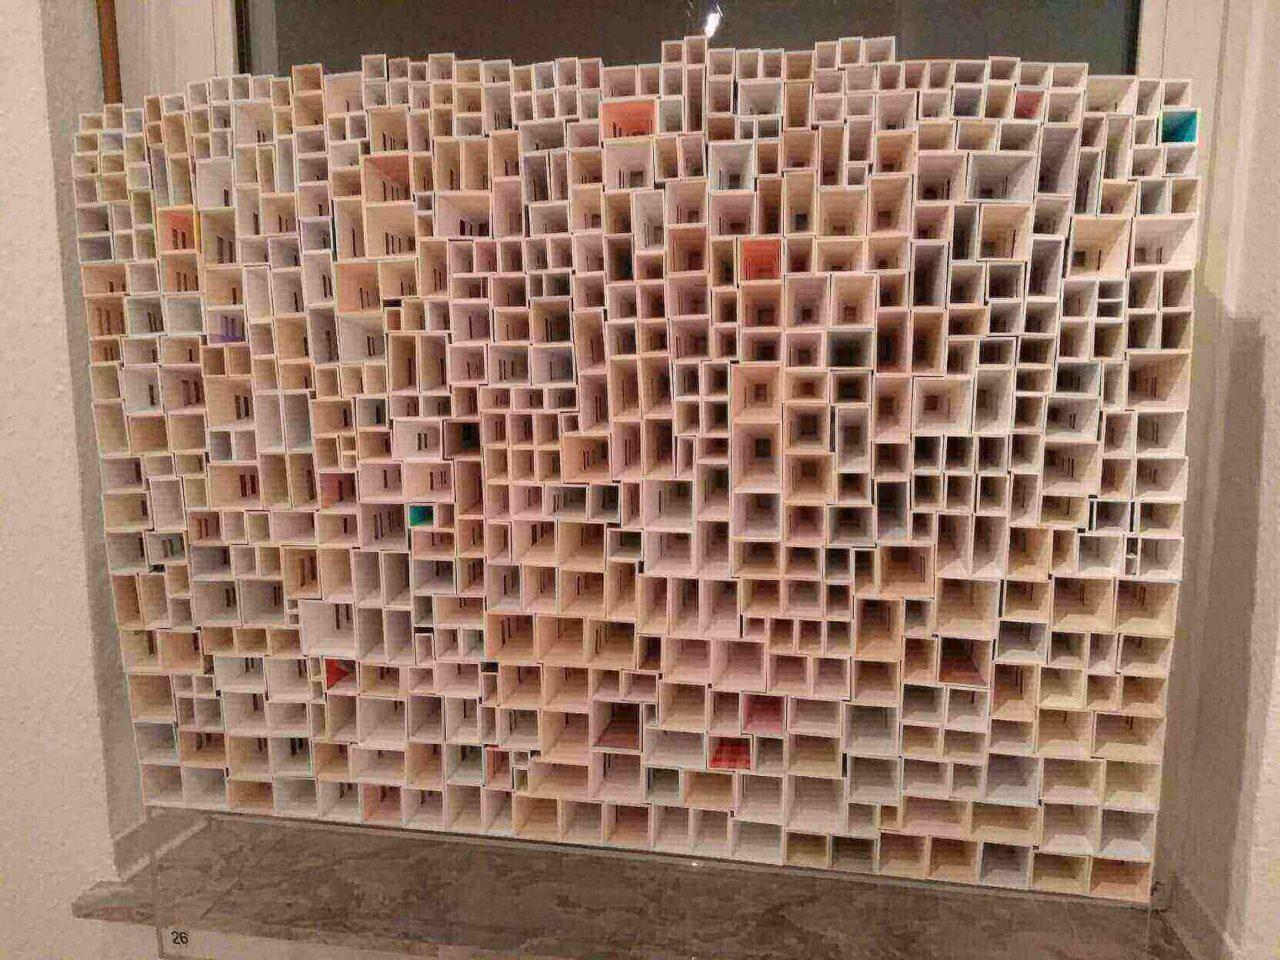 Jae Jin Parks Kunstobjekt Lichtraum (Kokon) in der Kulturmetzgerei für die Ausstellung Kunstpunkte